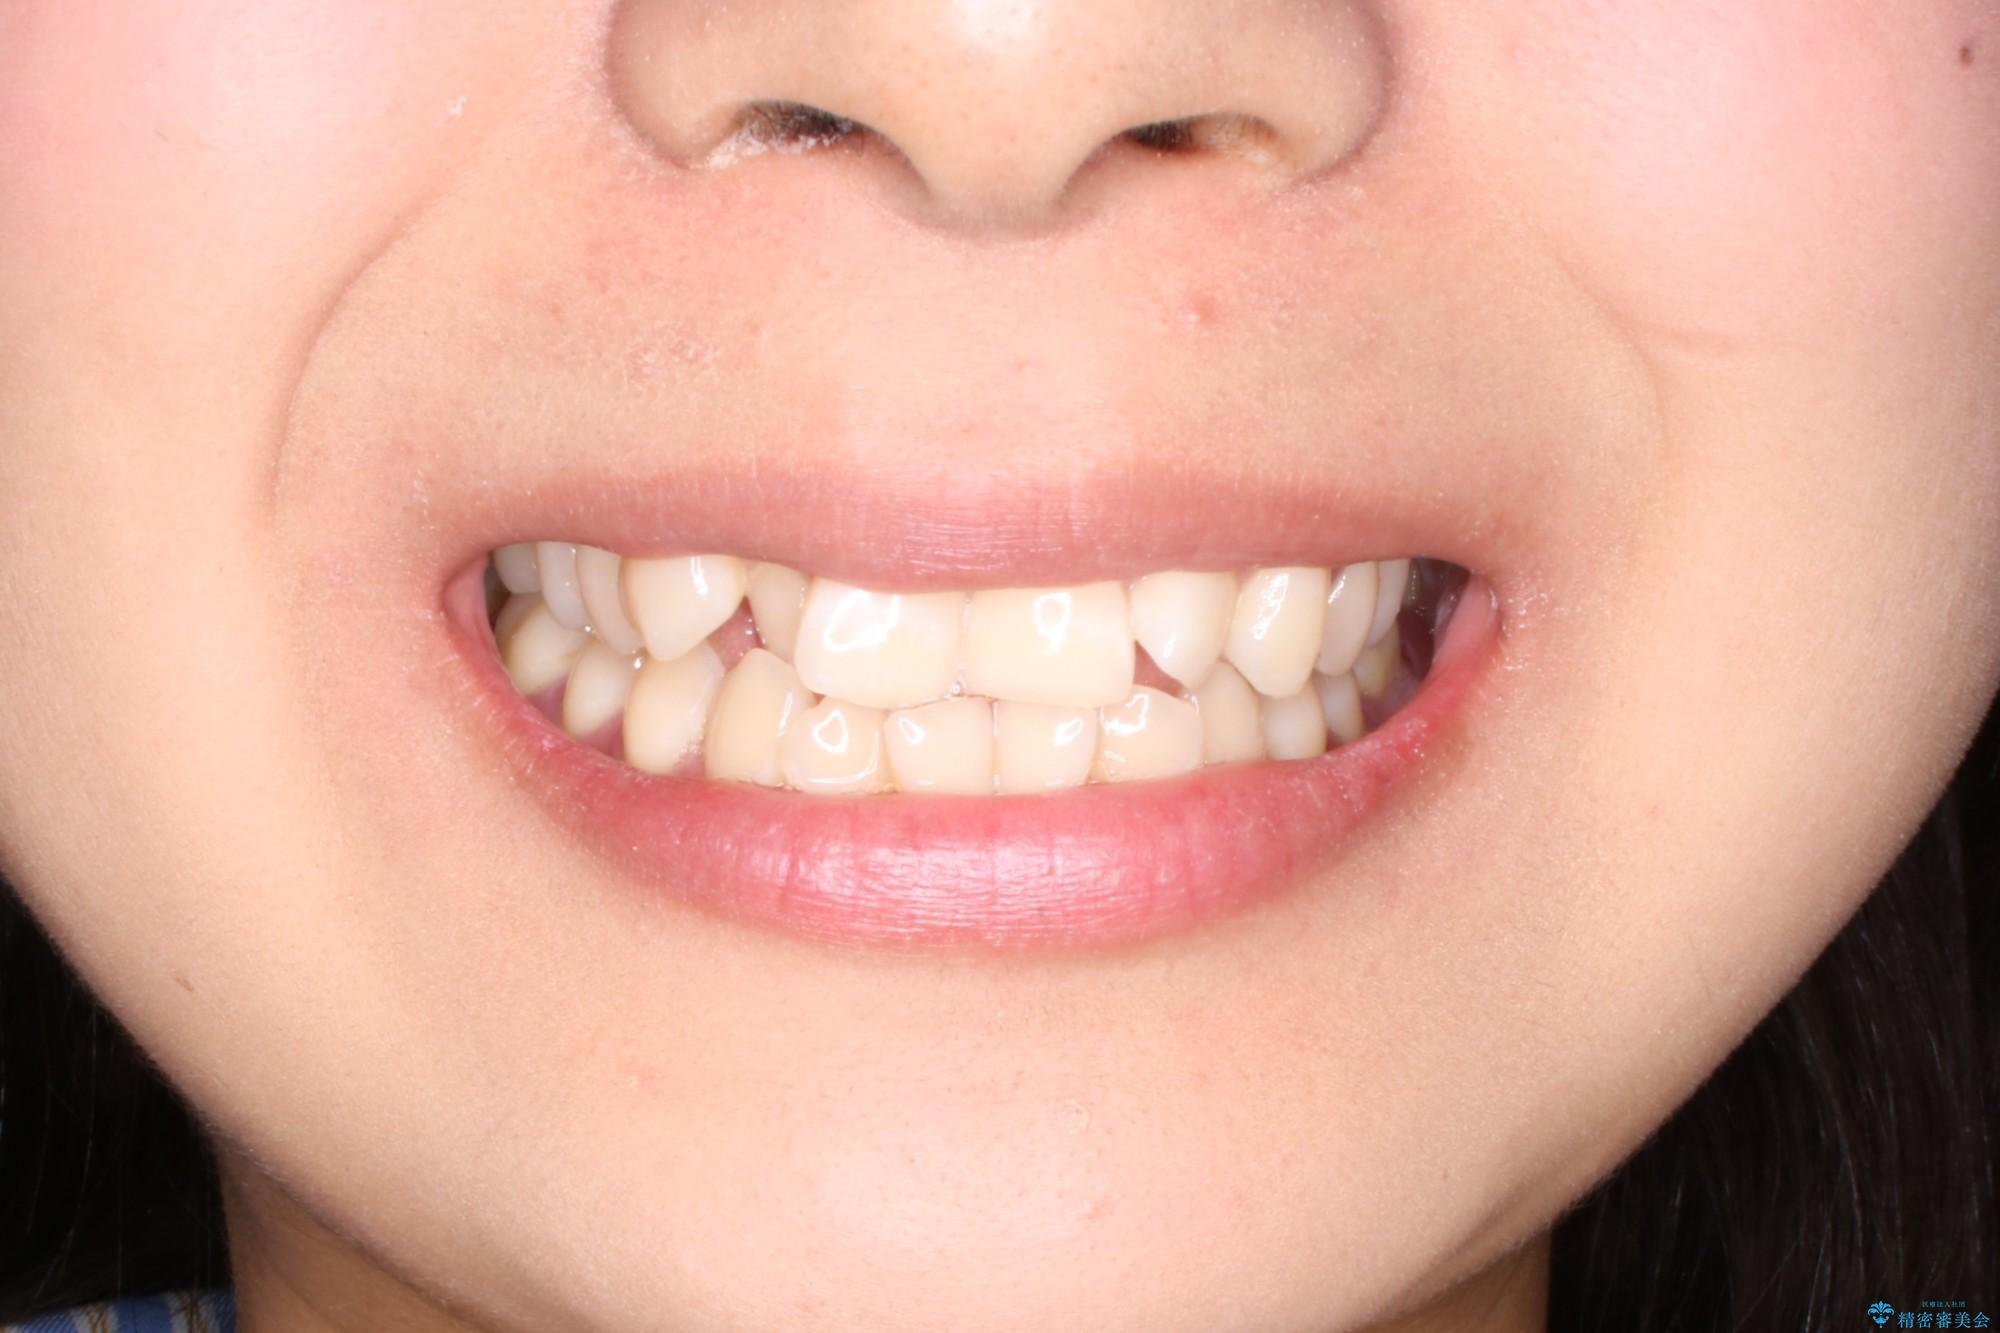 抜かない矯正 審美装置によるワイヤー治療の治療前(顔貌)